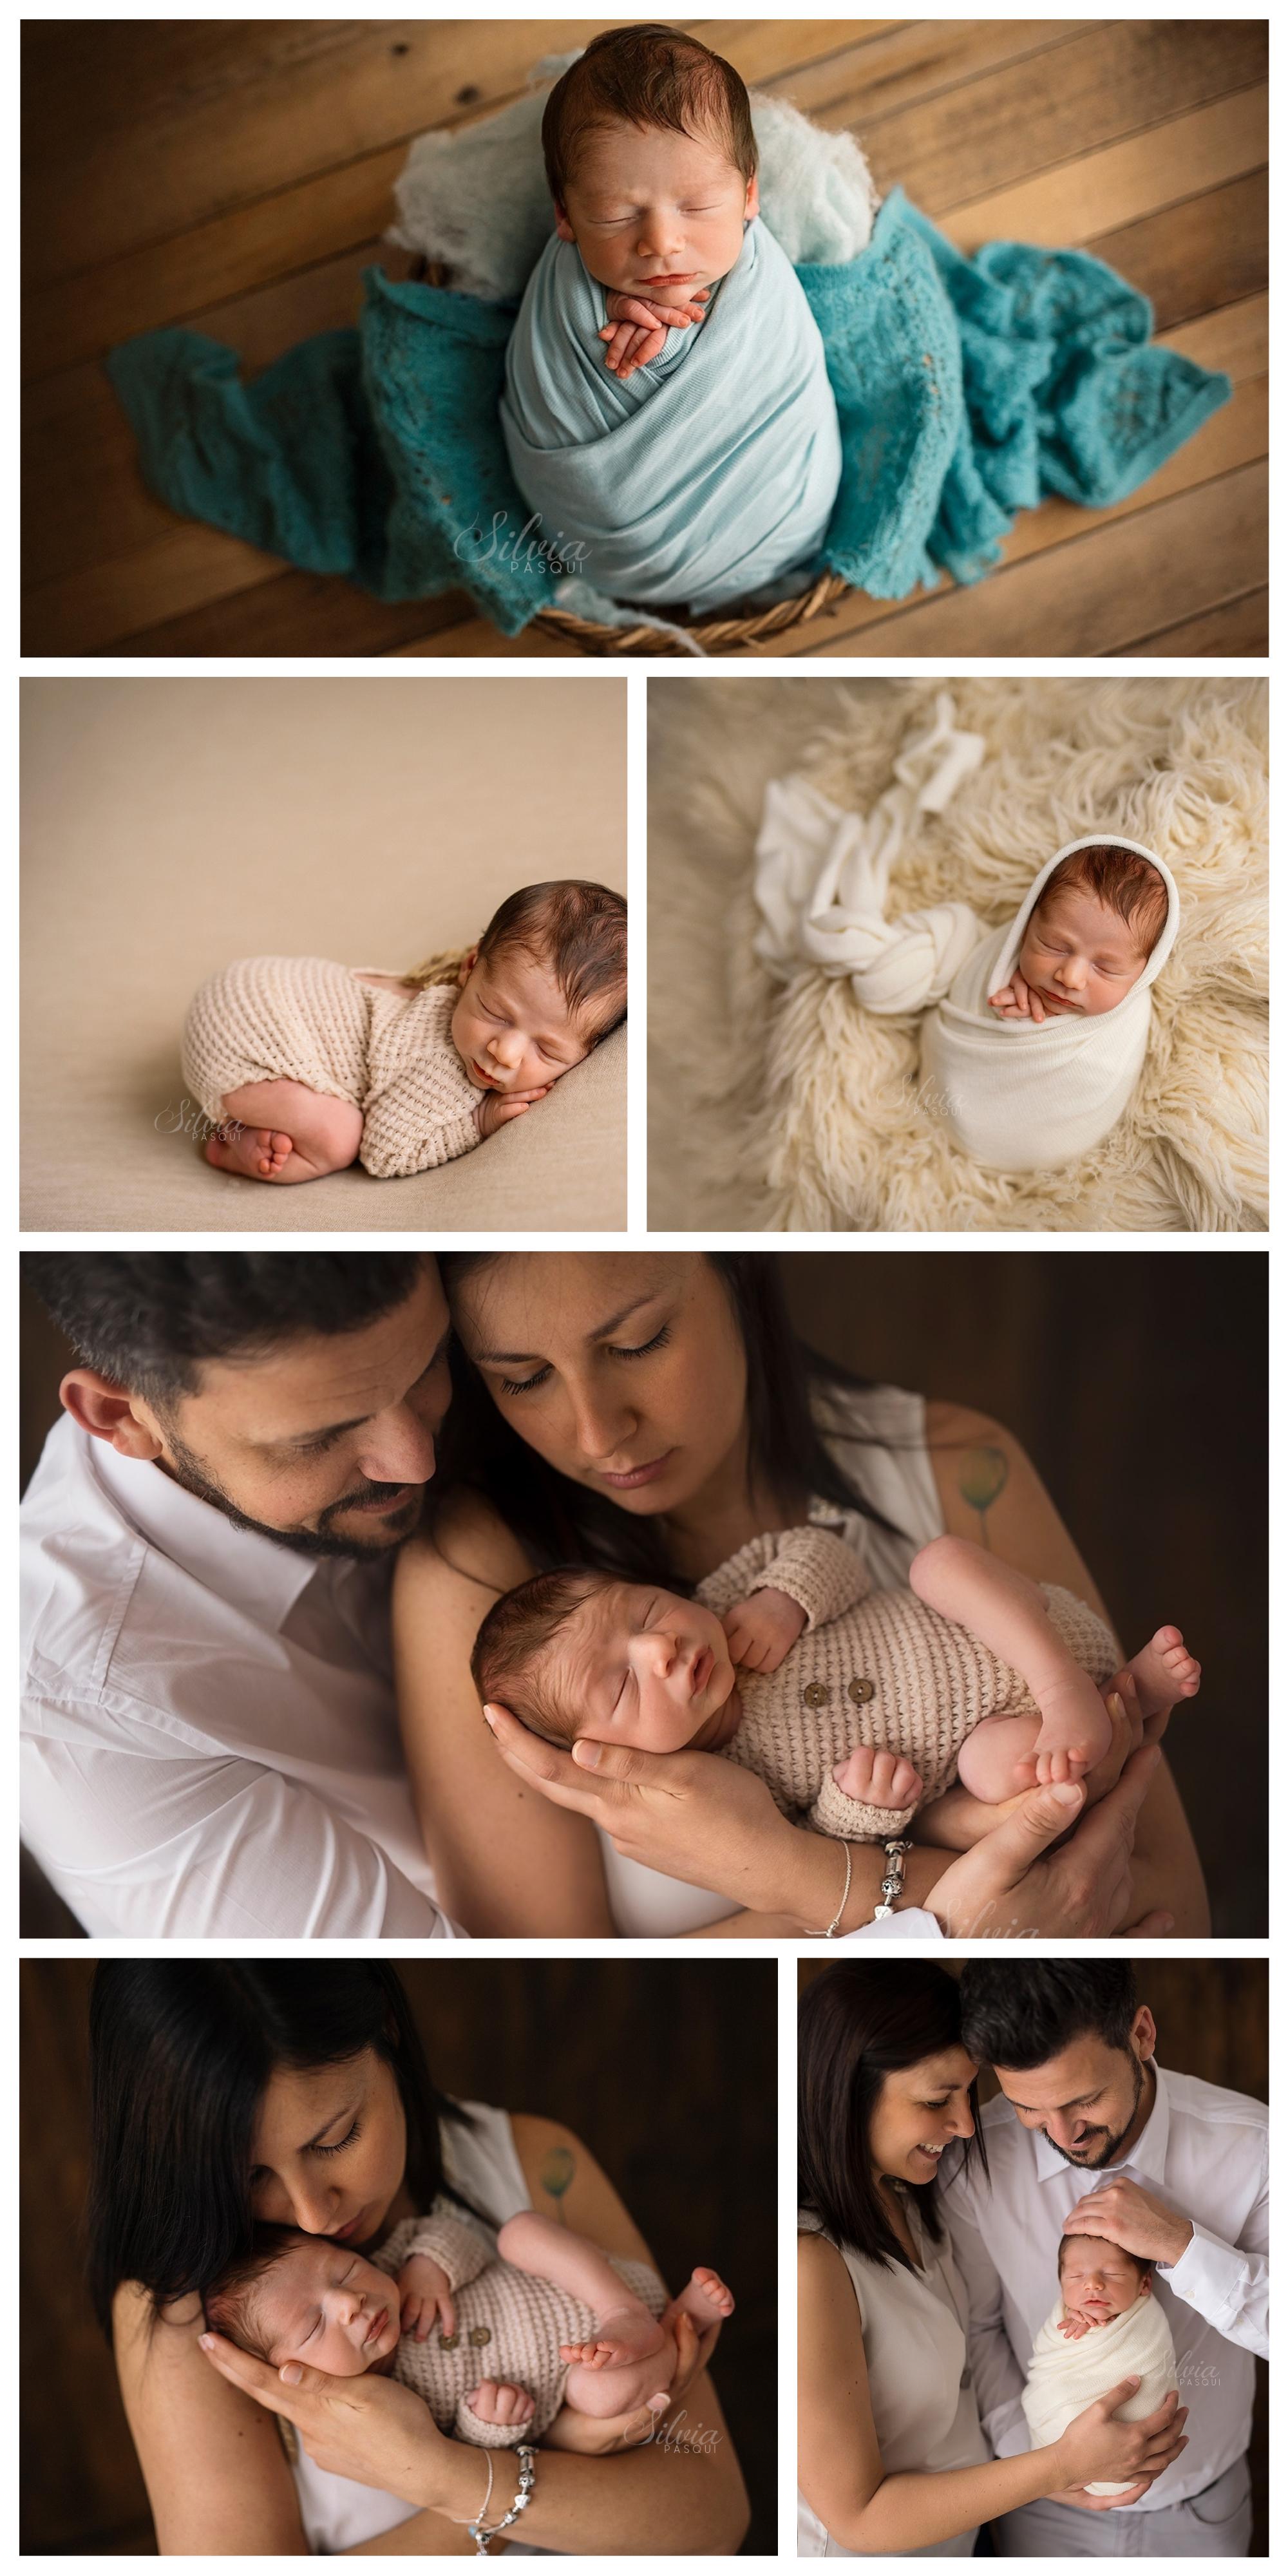 foto famiglia neonato